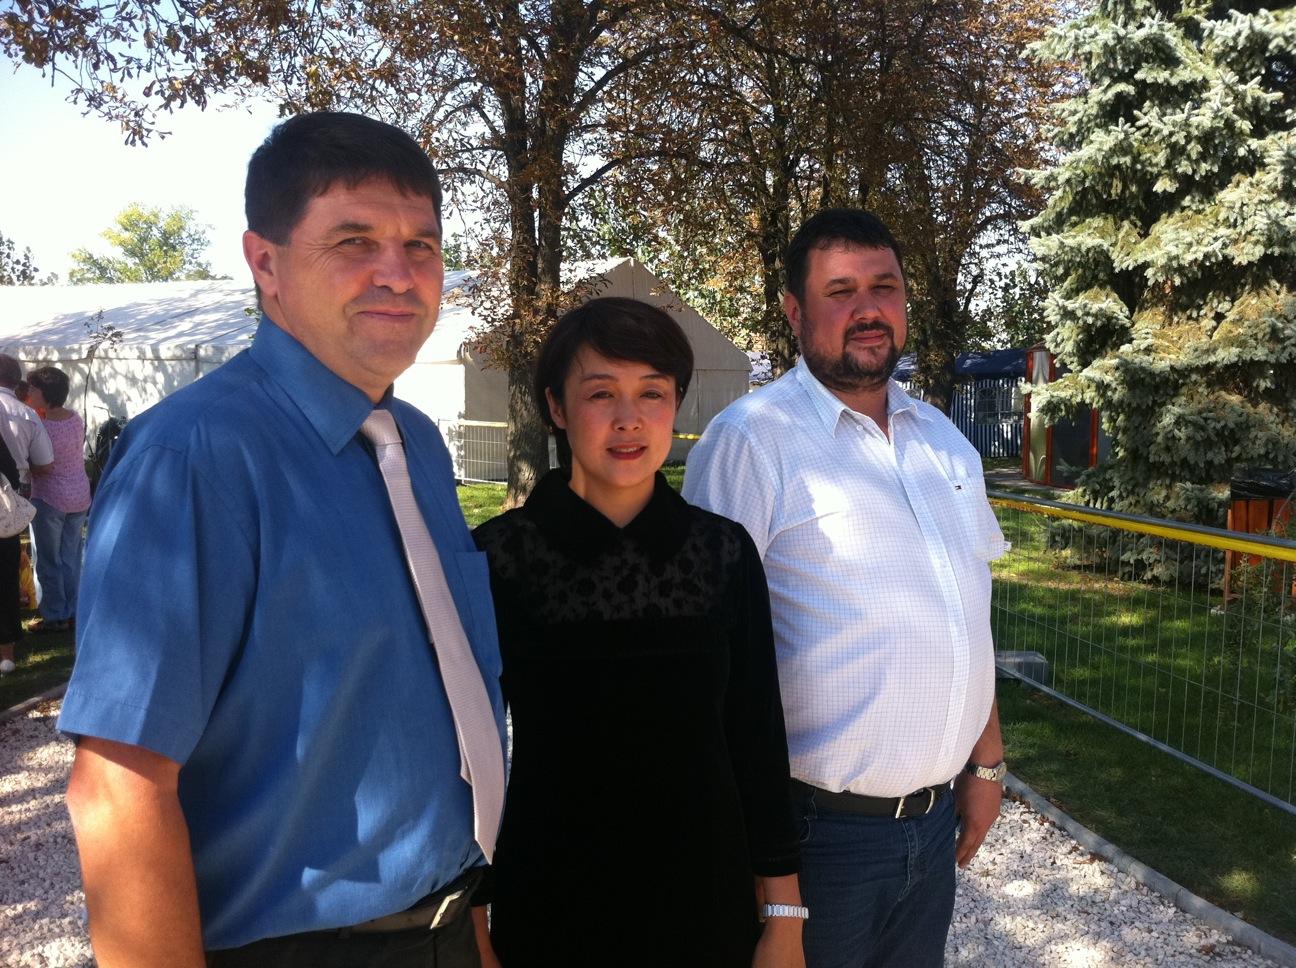 上图是Farkas Zoltan 贝给斯州主席,苏畅女士和Gallo Ferenc东方太阳能公司老板